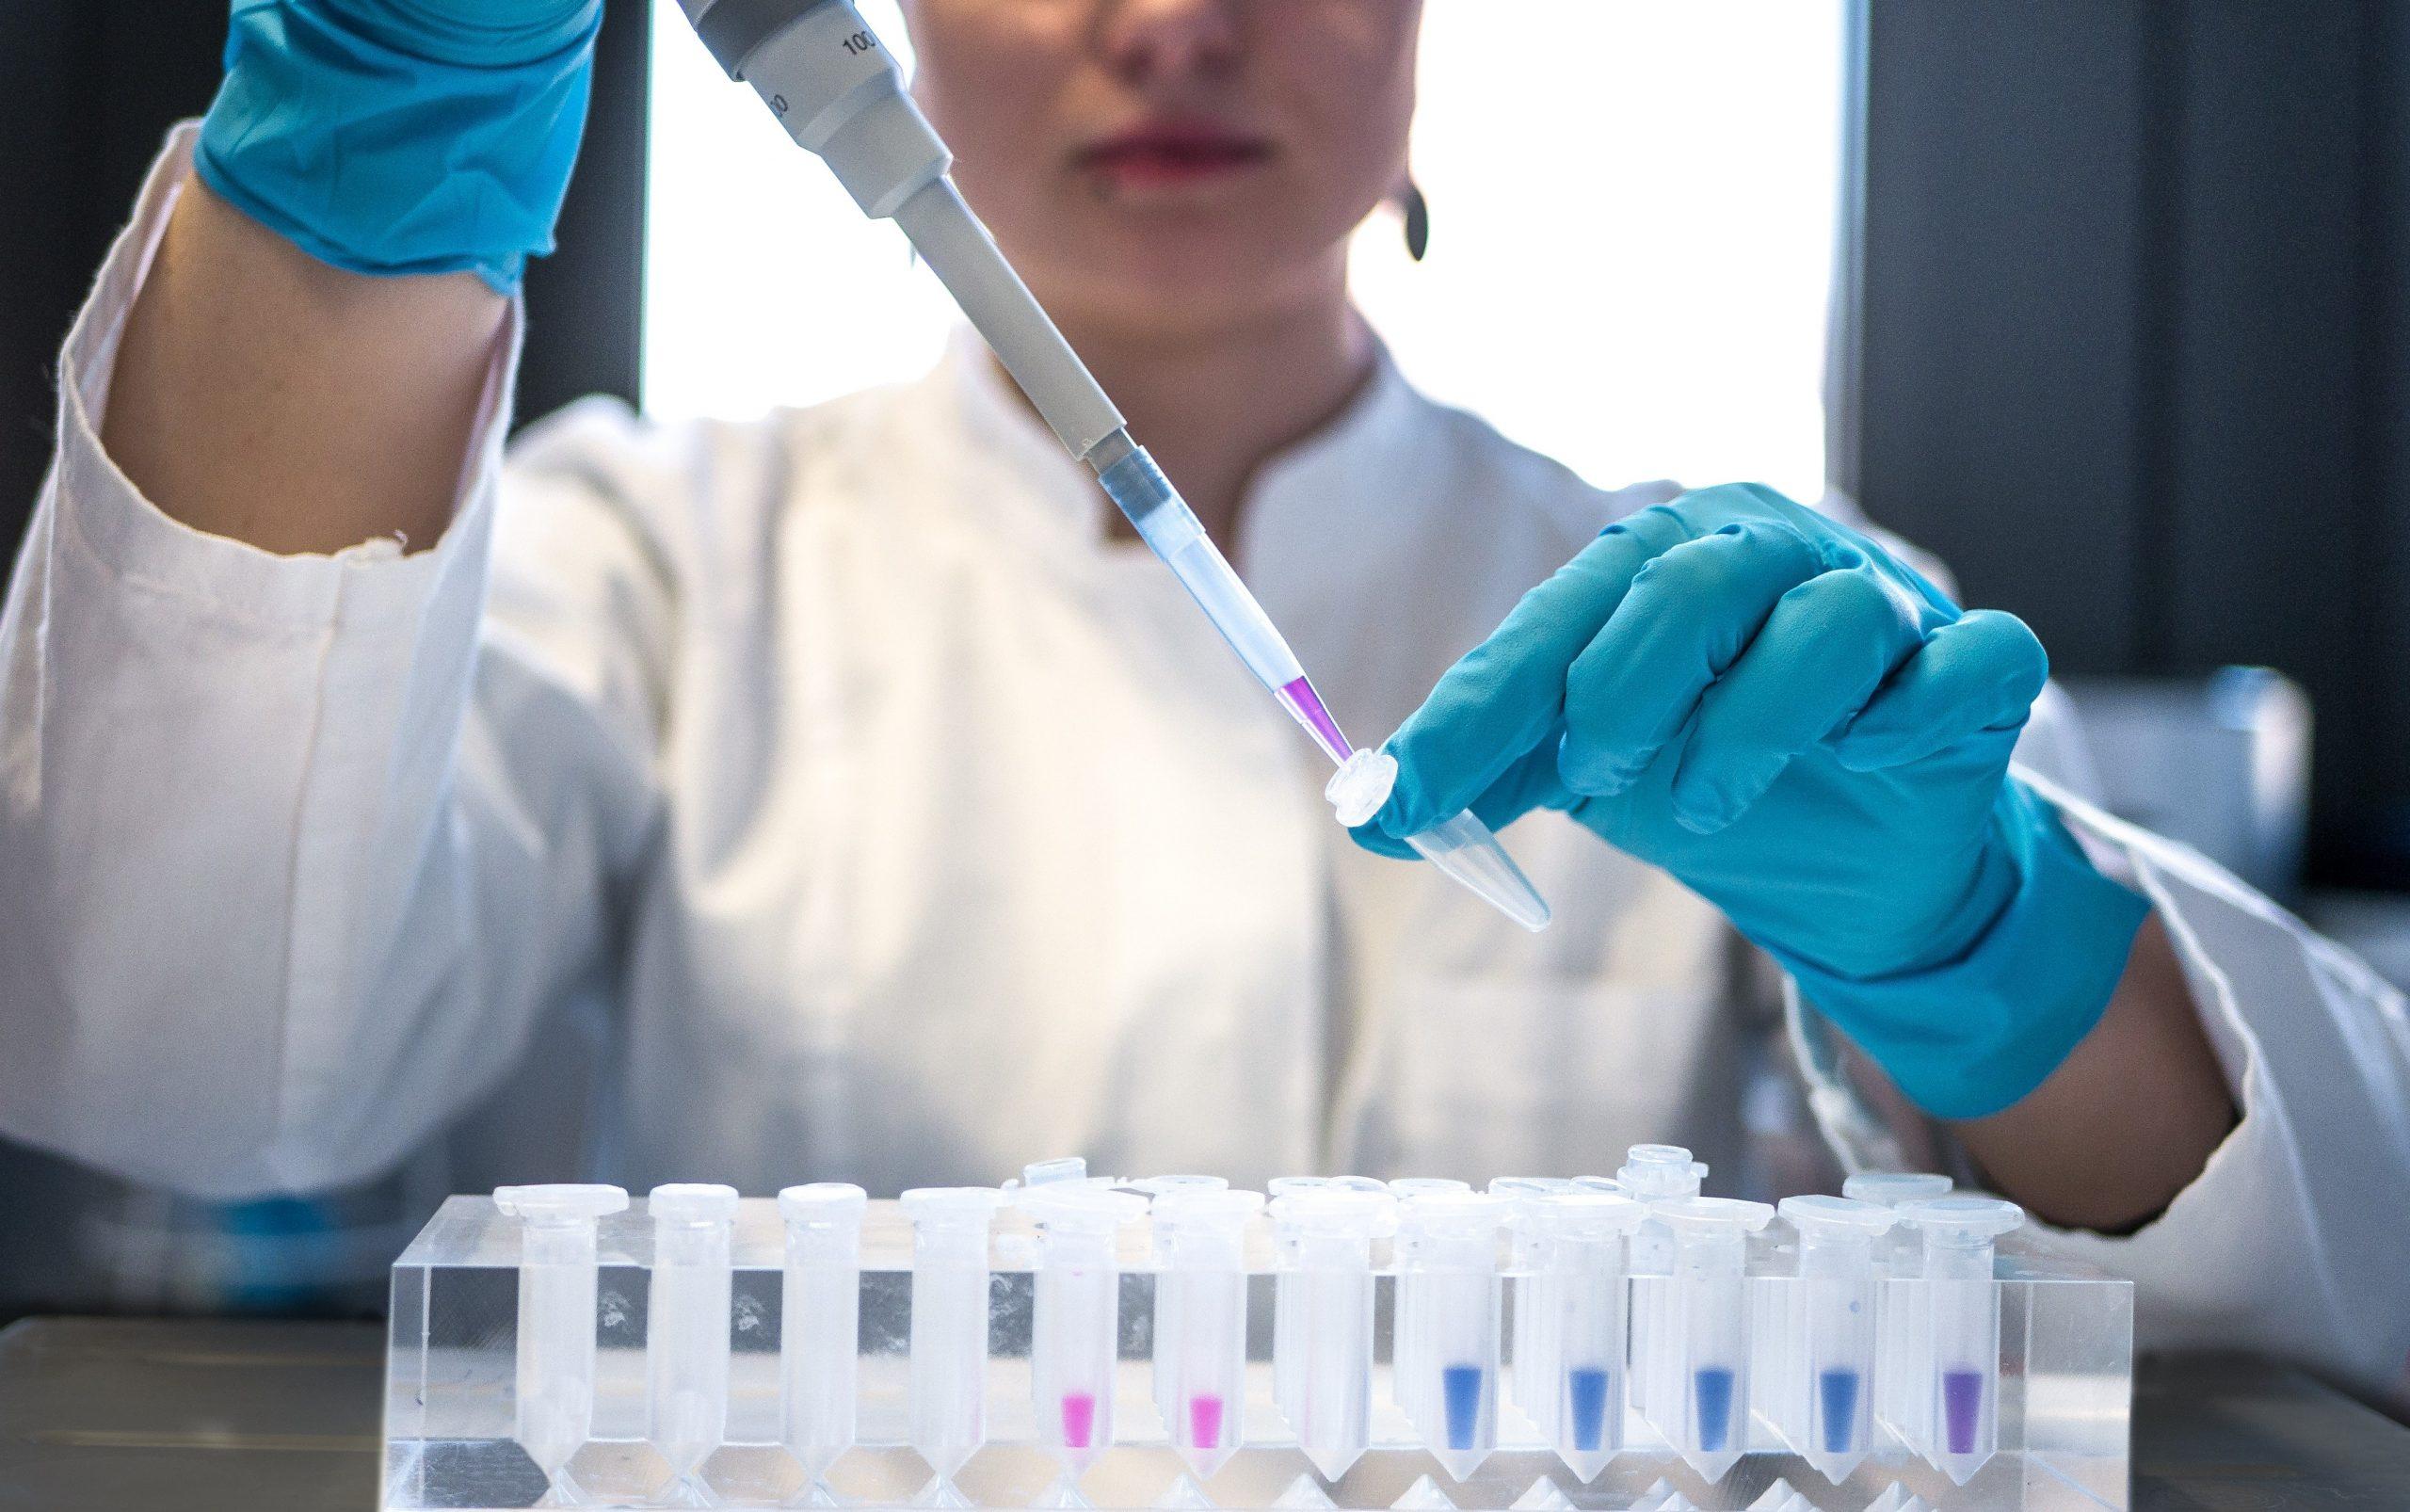 David Clarinval octroie des subventions pour 3,55 millions d'euros à la recherche scientifique en matière de sécurité alimentaire et de santé animale et végétale